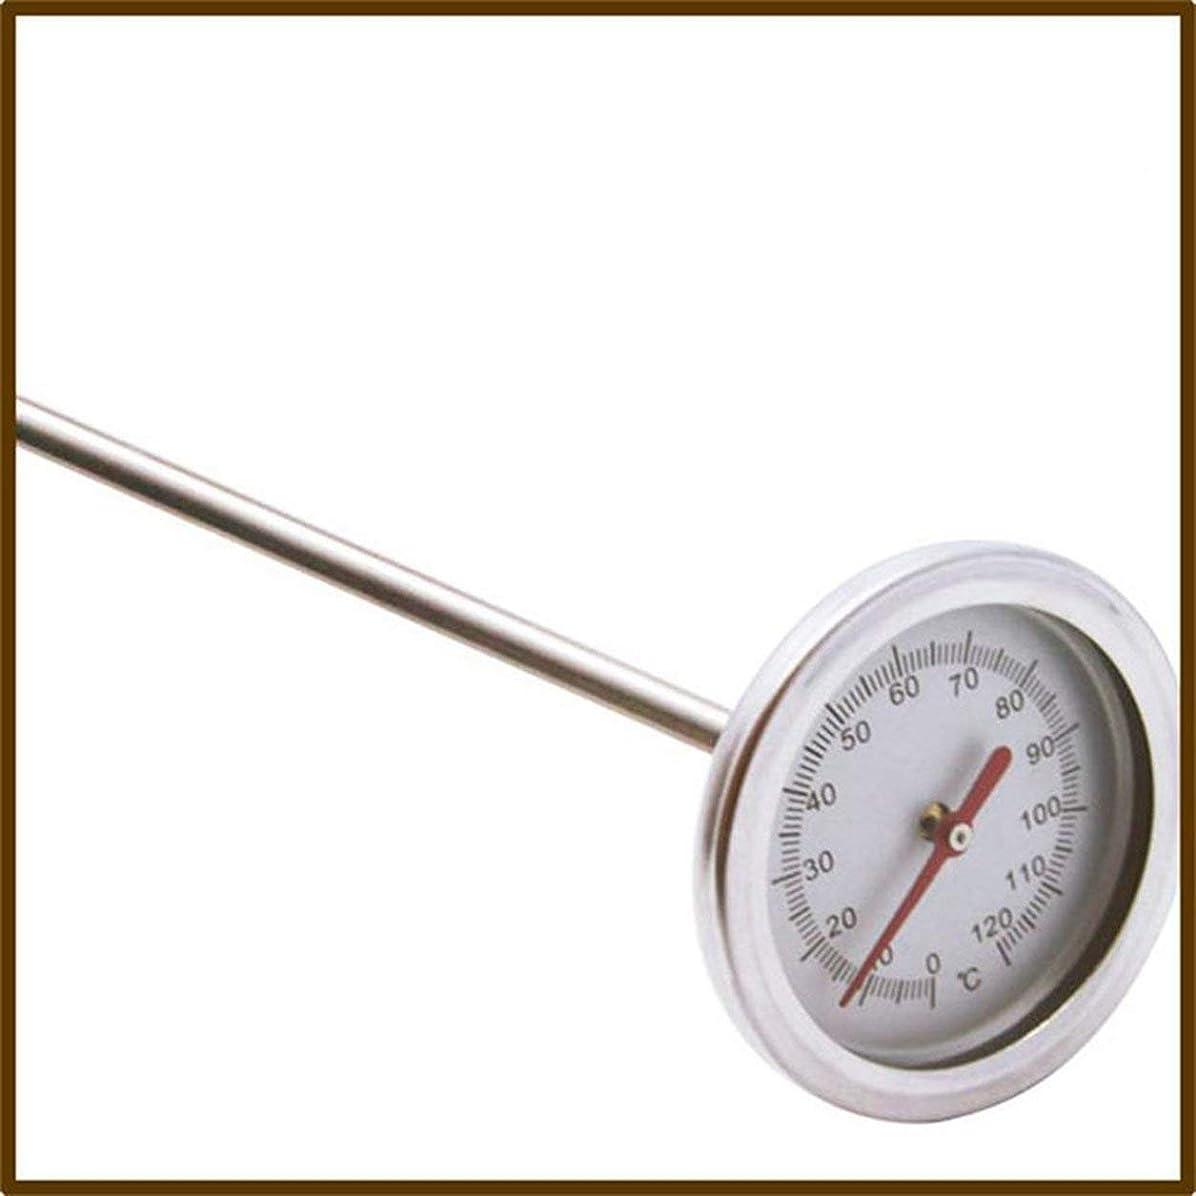 挑発するはっきりしない召集するSaikogoods 20インチ50cmの長さ 0℃-120℃ 堆肥の土壌温度計 プローブ検出器の測定プレミアム食品グレードステンレススチール メタル 銀